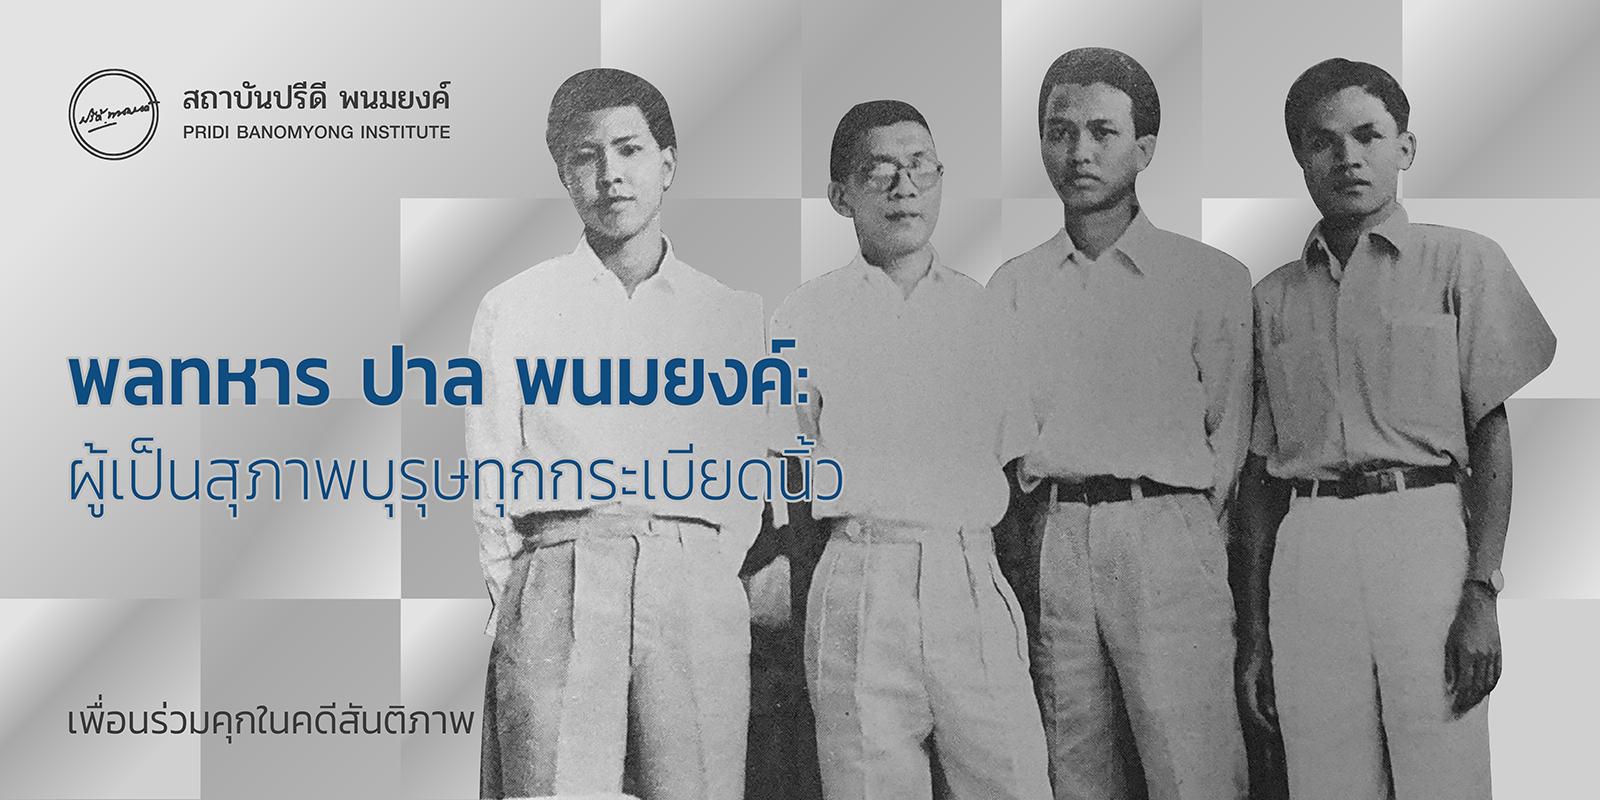 พลทหาร ปาล พนมยงค์: ผู้เป็นสุภาพบุรุษทุกกระเบียดนิ้ว / เพื่อนร่วมคุกในคดีสันติภาพ